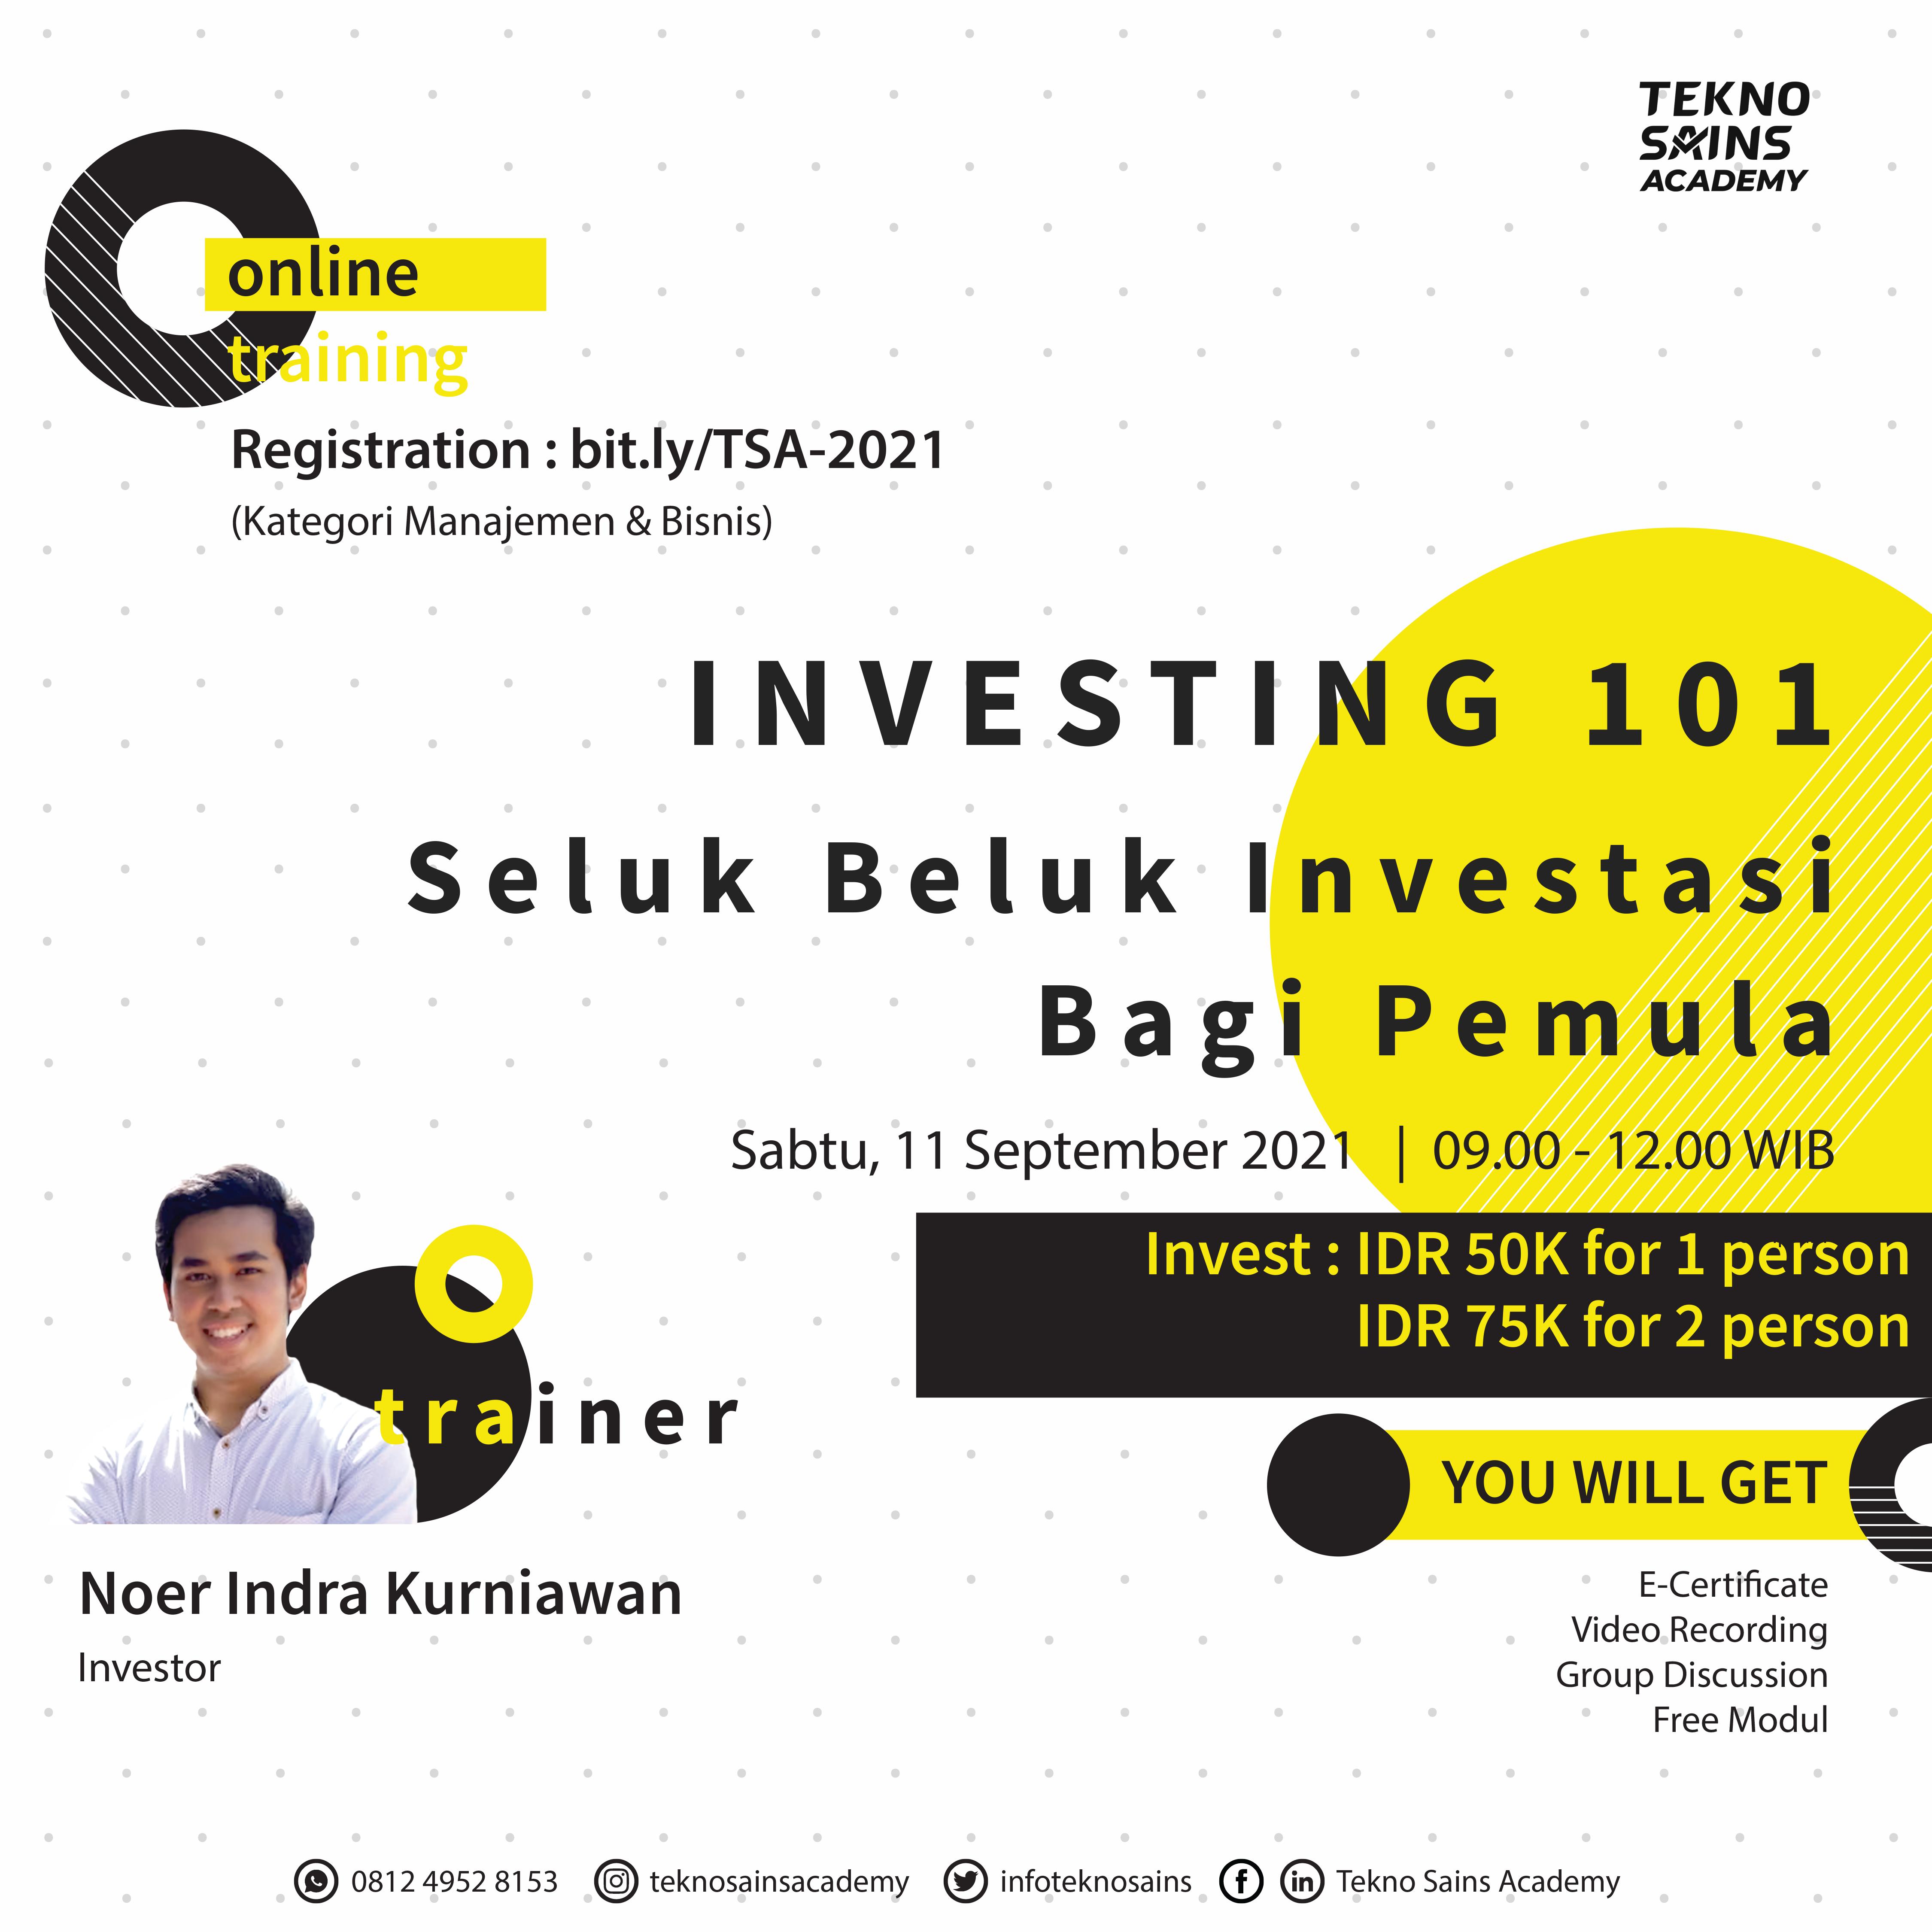 20210712-00 - Flyer Investing 101 11 September